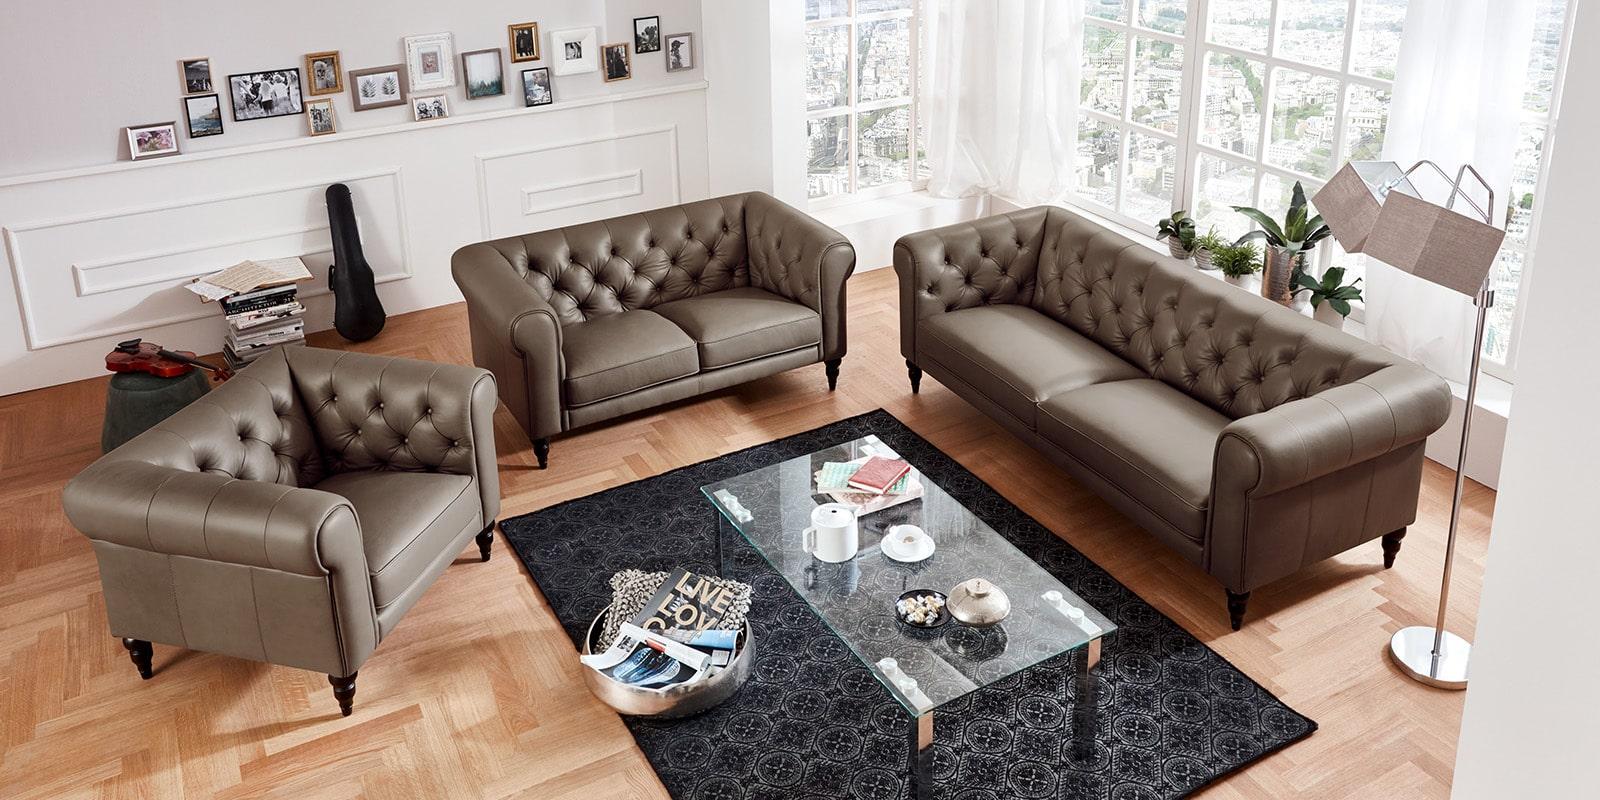 Moebella24 - 3-2-1-Sitzer - Sofa - Hudson - Chesterfield - Leder - Taupe - Dekorative - Nähte - und - Versteppungen